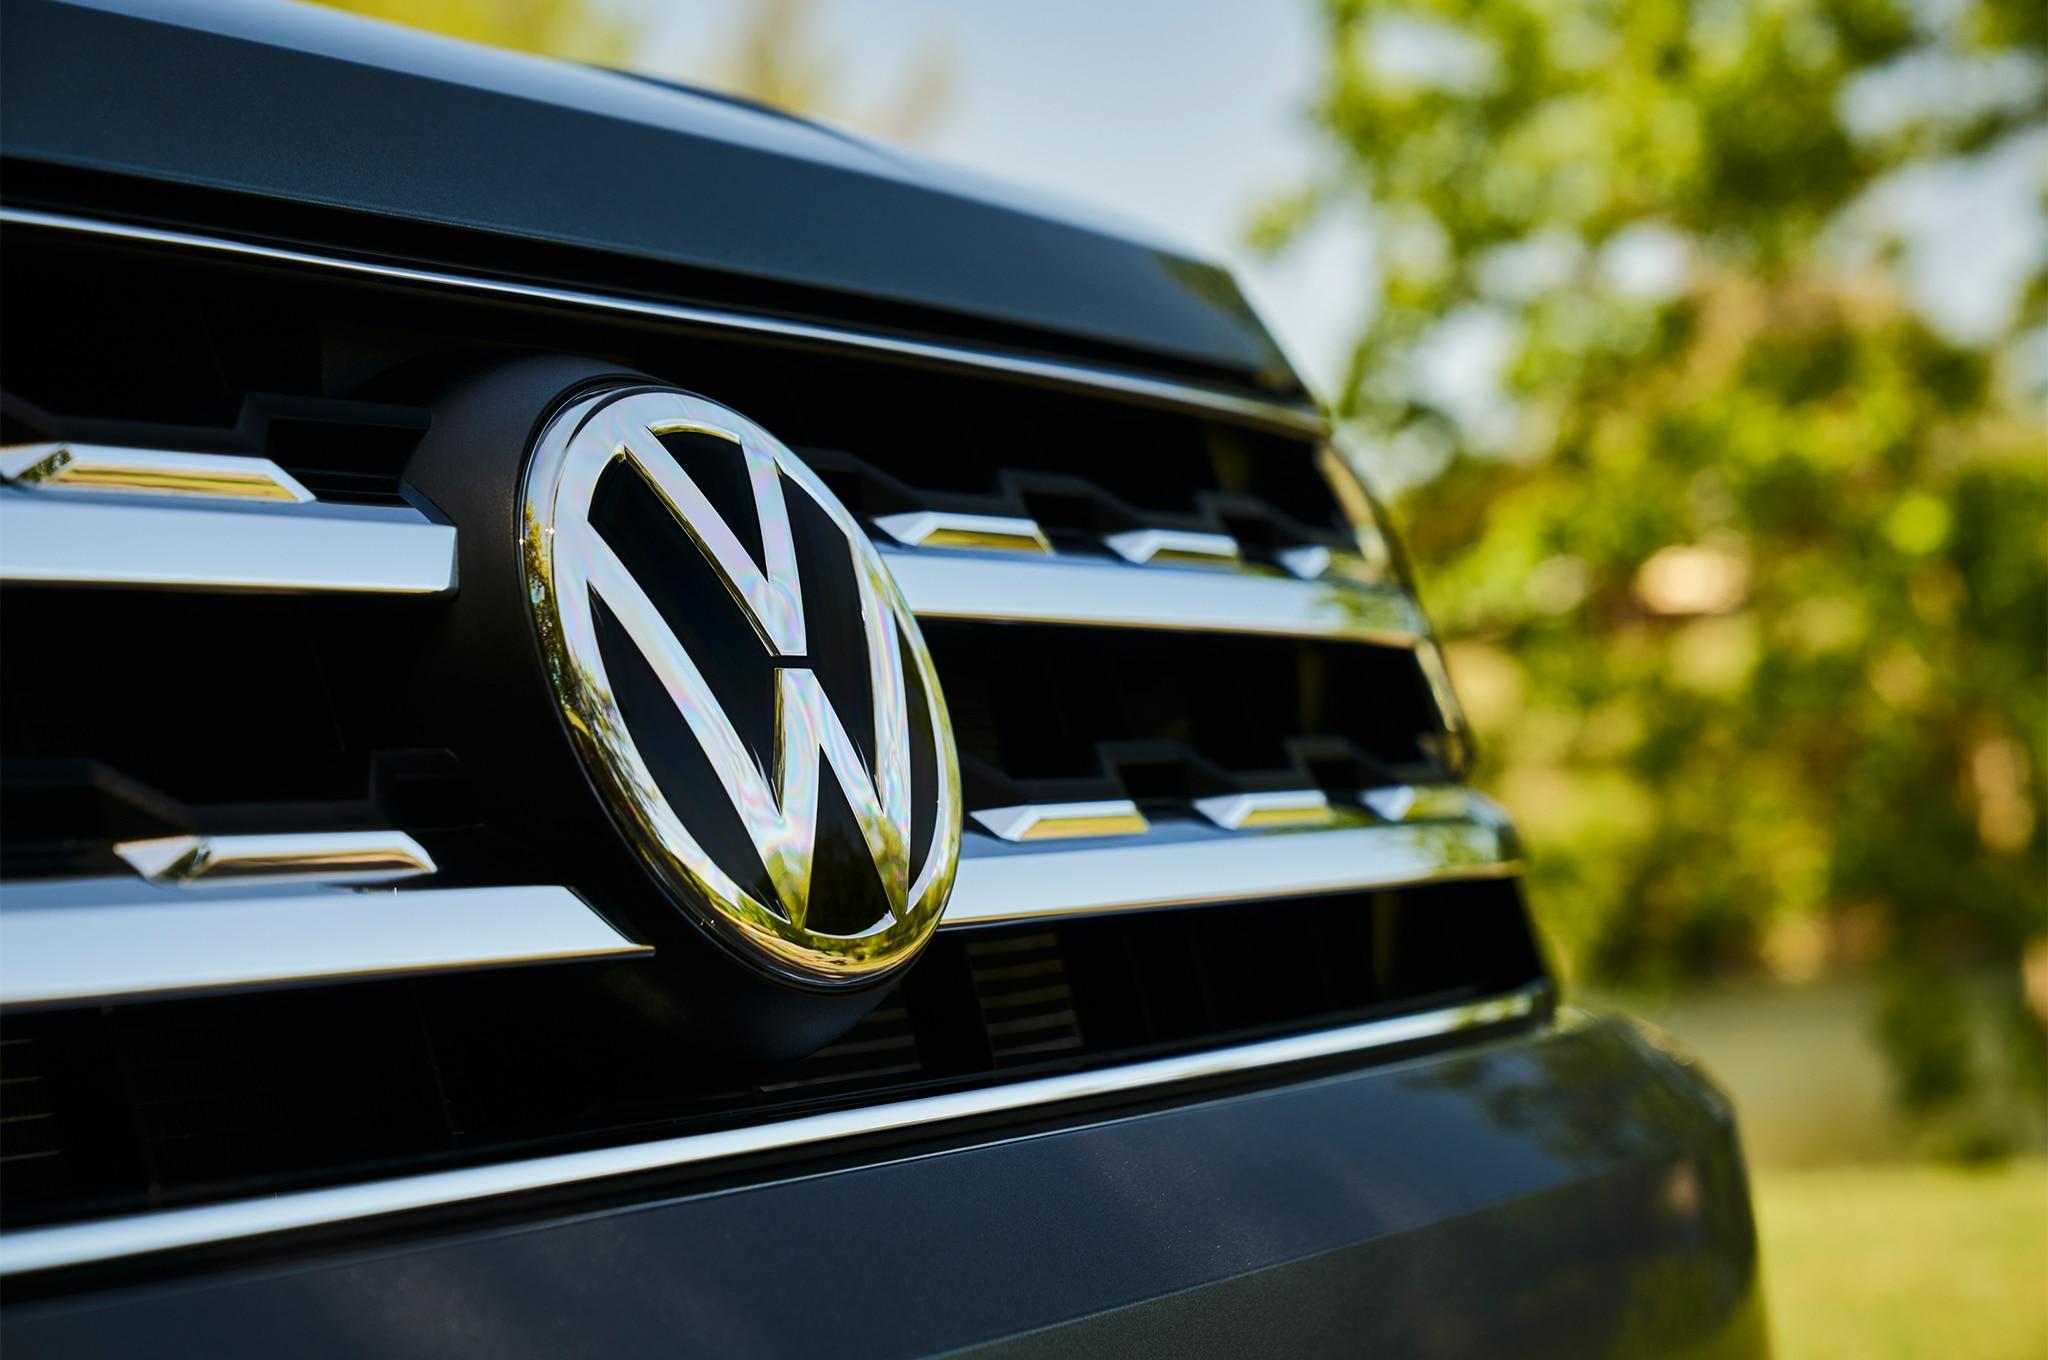 2018 Volkswagen Atlas Grille 3